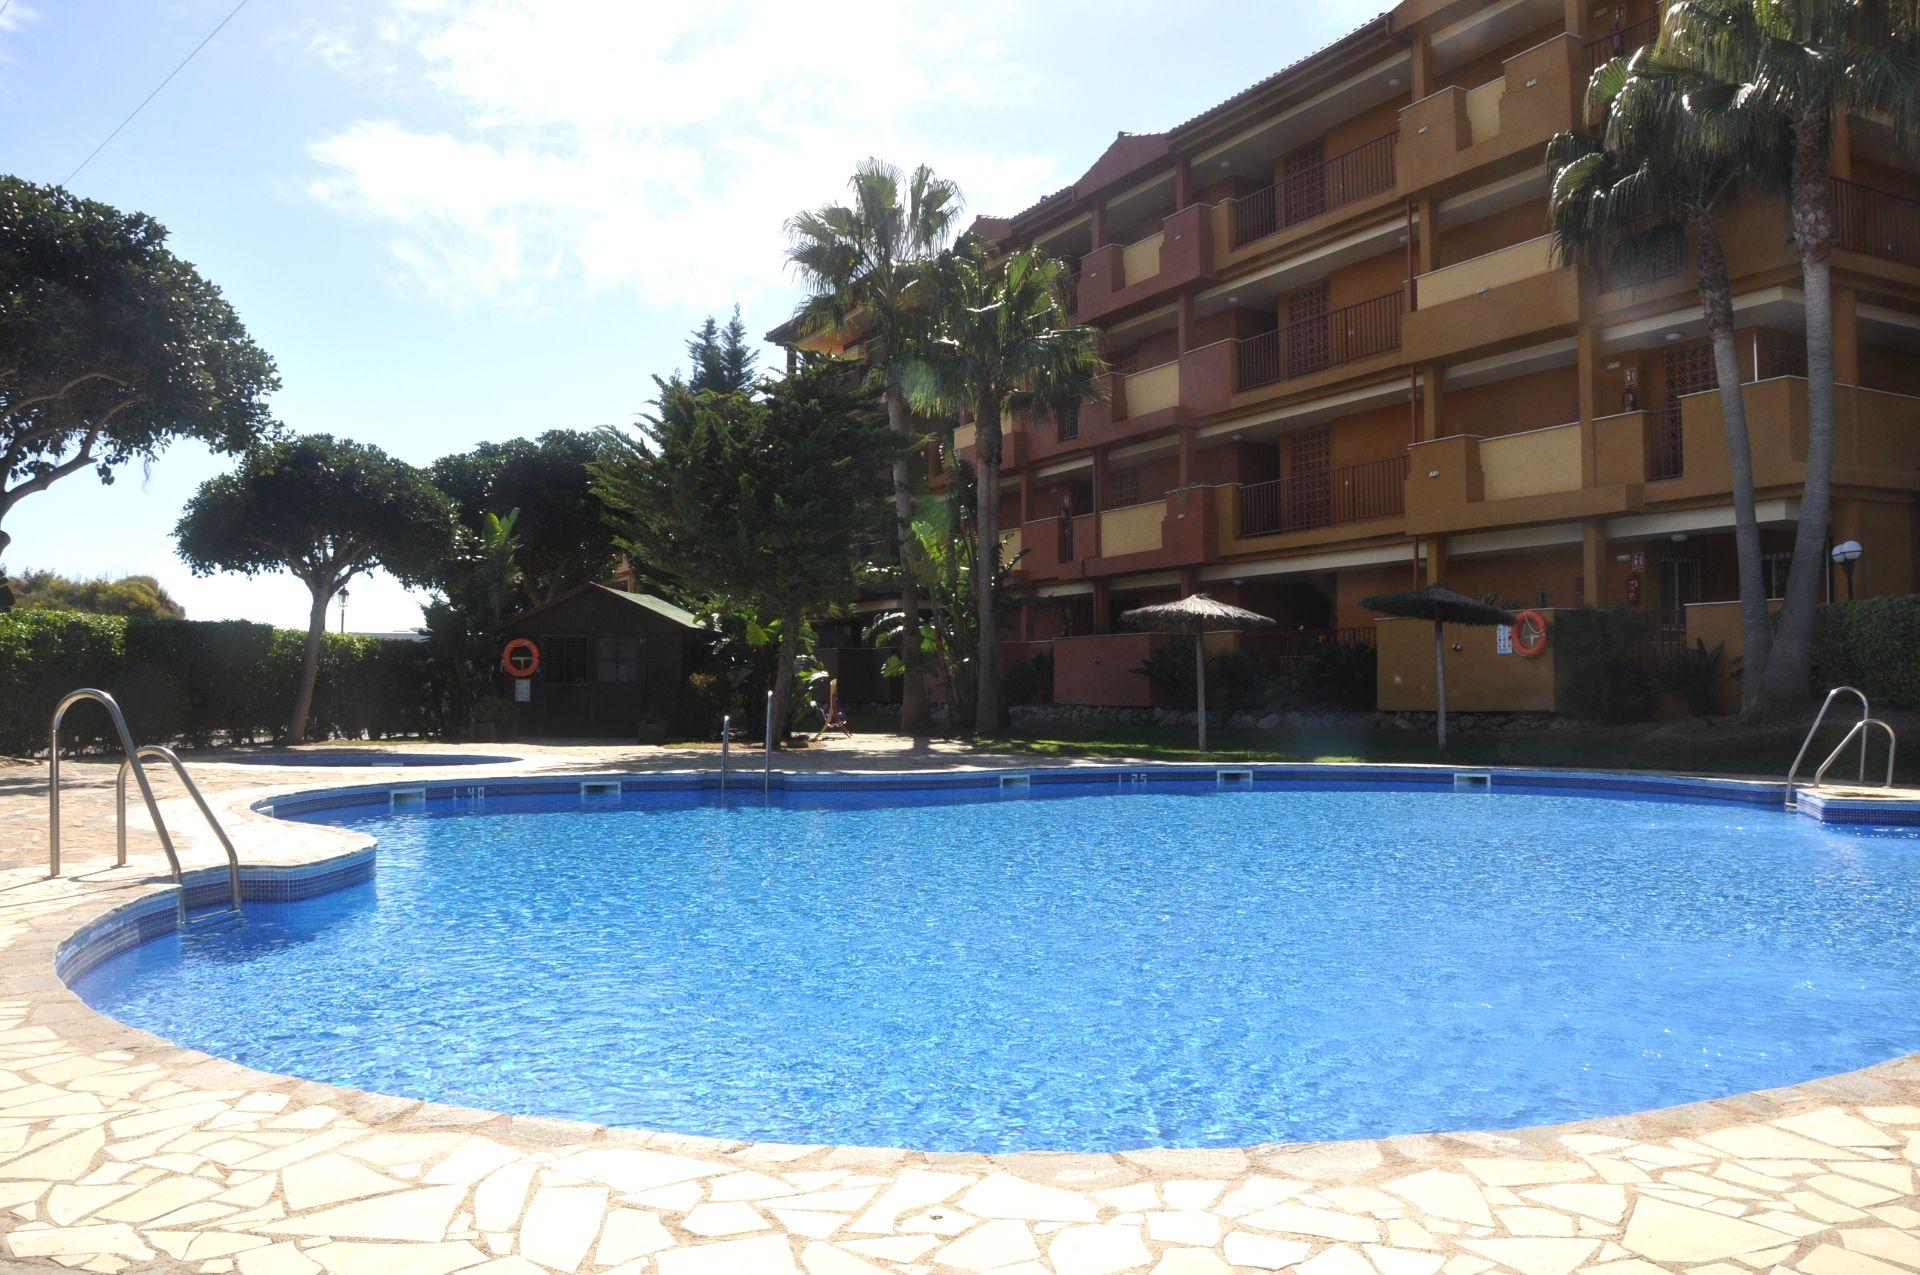 Apartamento en Marbella, Reserva de Marbella Fase III, venta